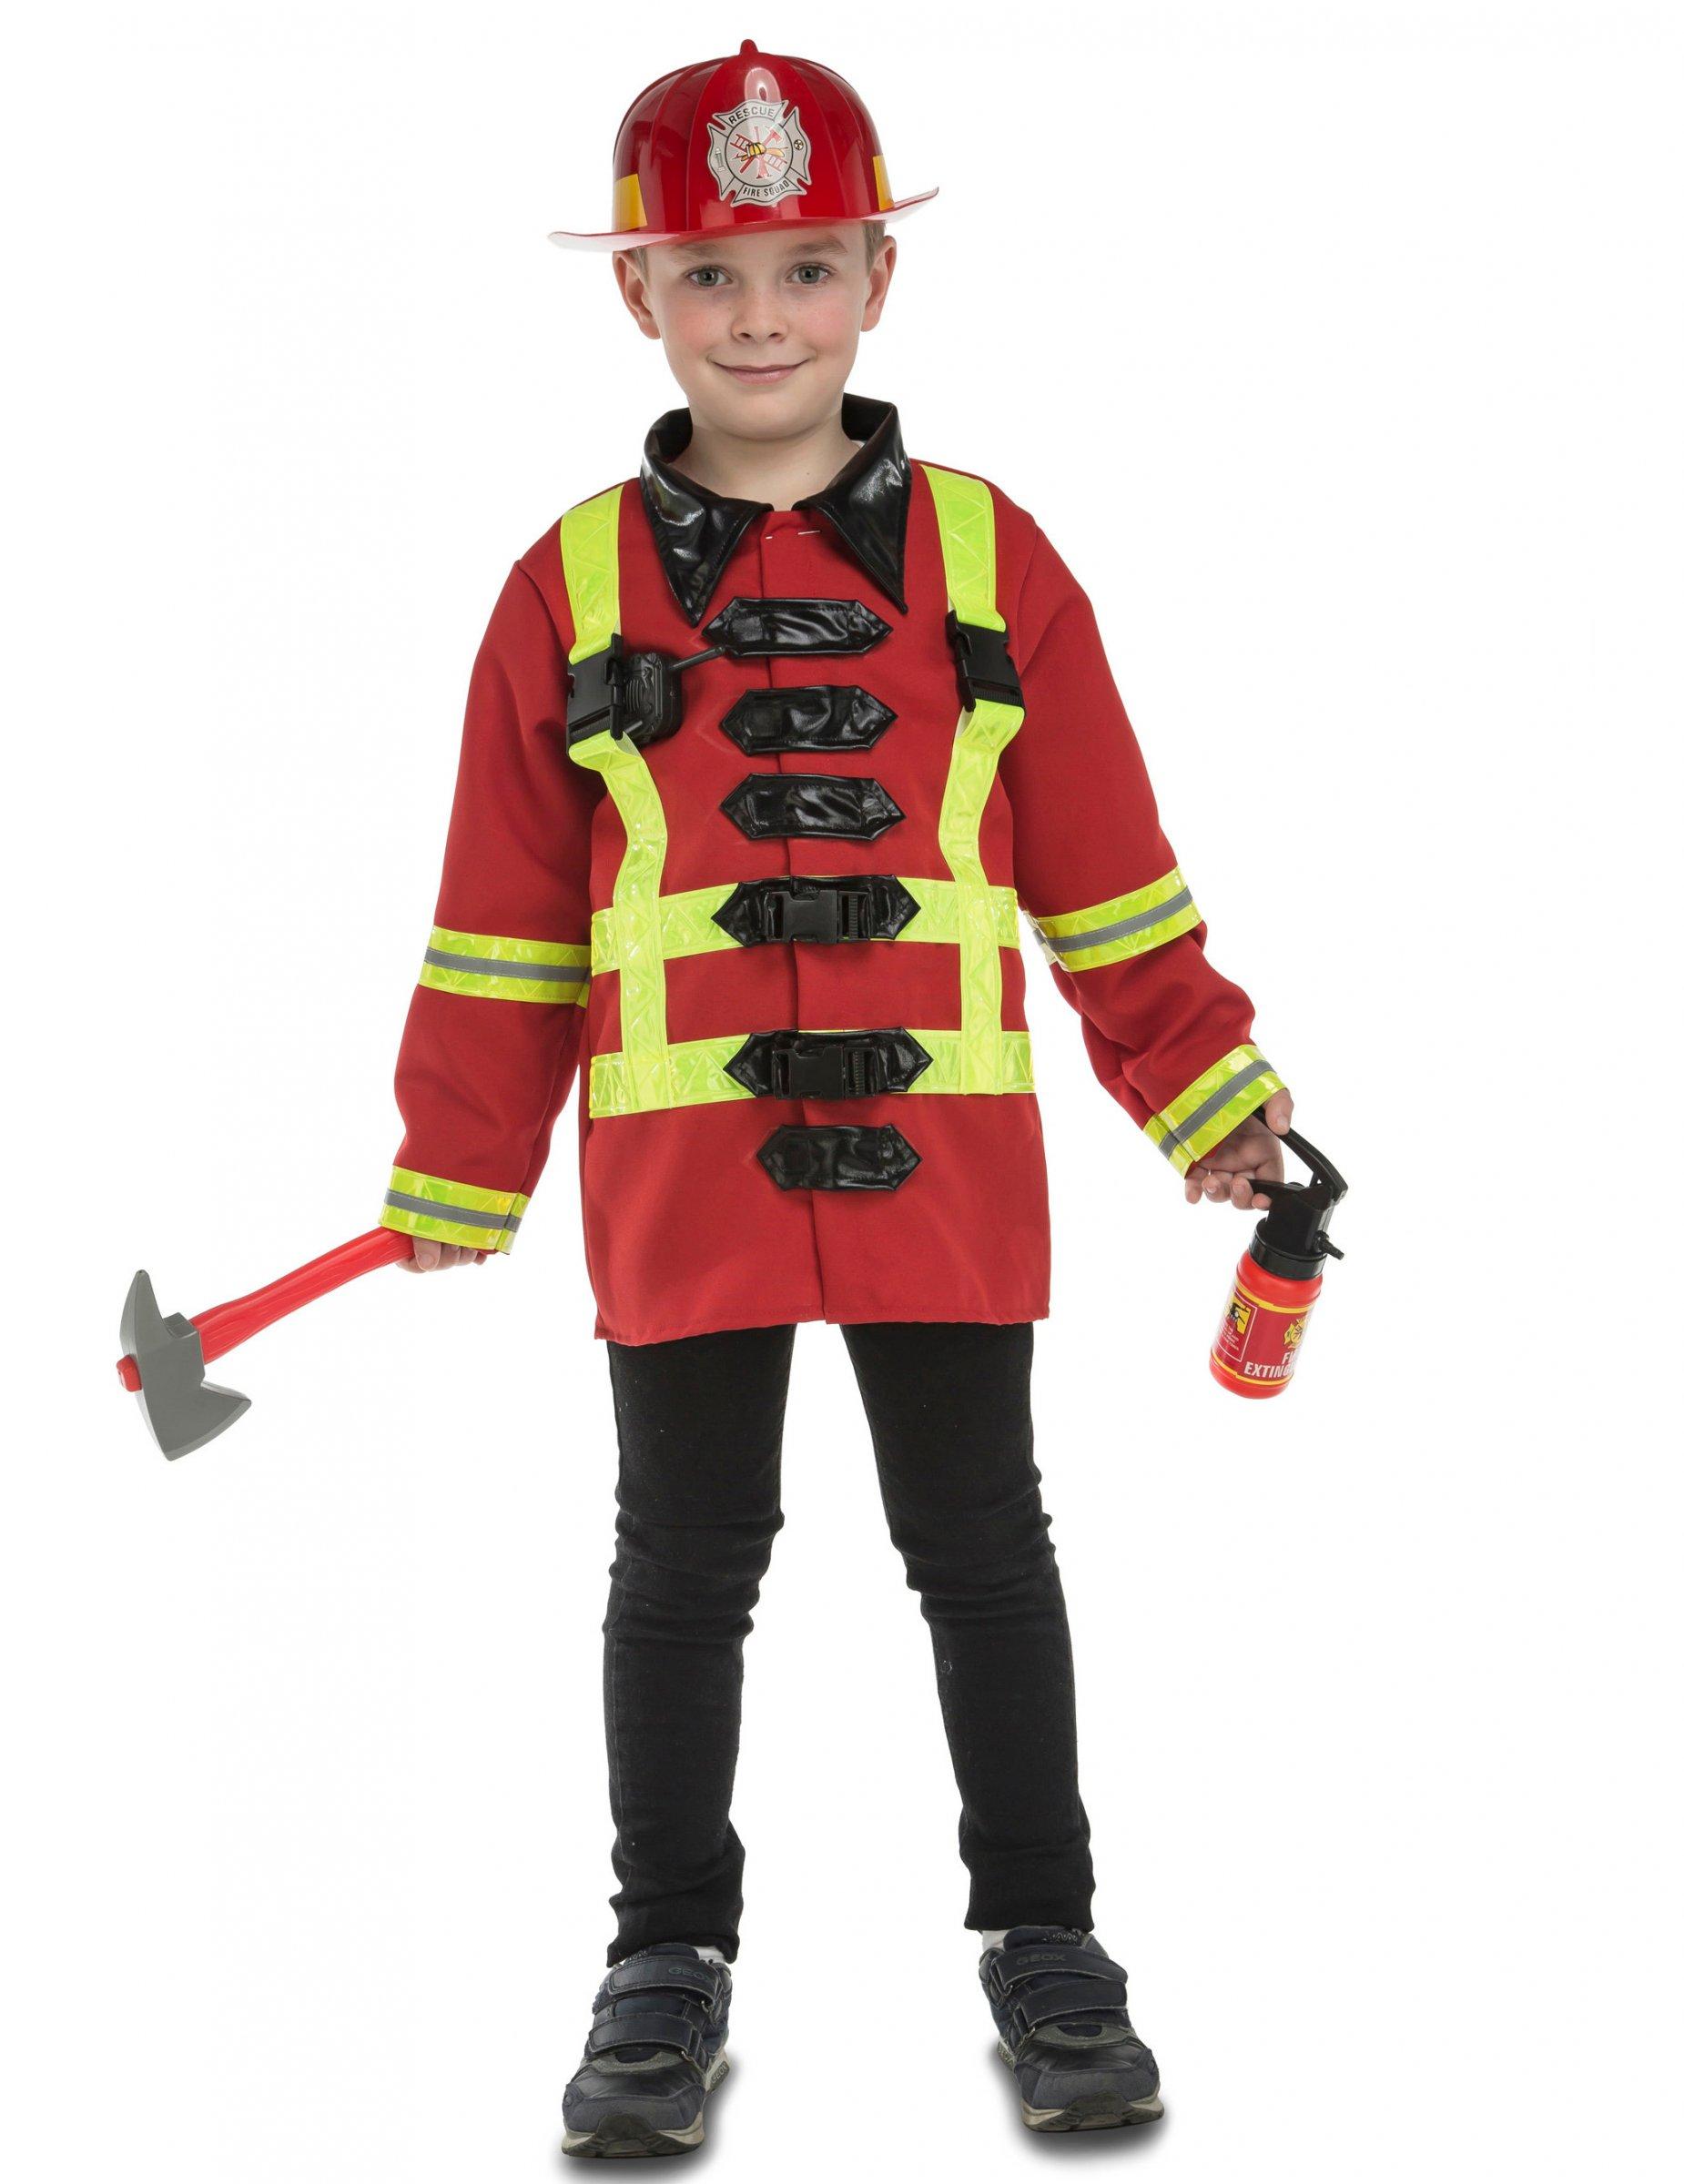 Feuerwehrmann-Kostüm mit Zubehör Kinder: Kostüme für Kinder,und ...